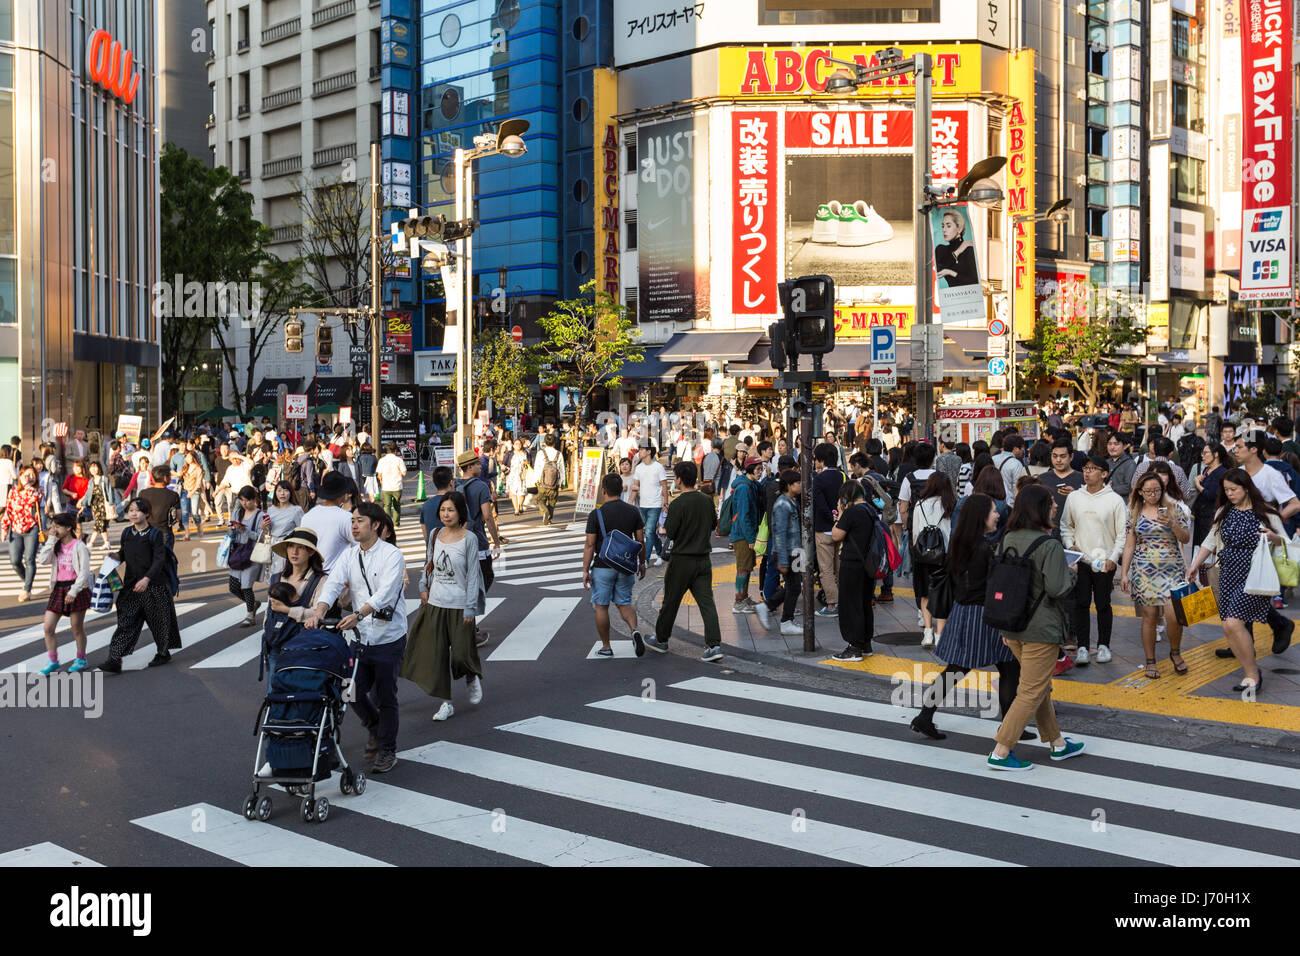 TOKYO - 5 mai 2017: les gens marcher à travers les rues dans le quartier de Shinjuku très occupé Photo Stock